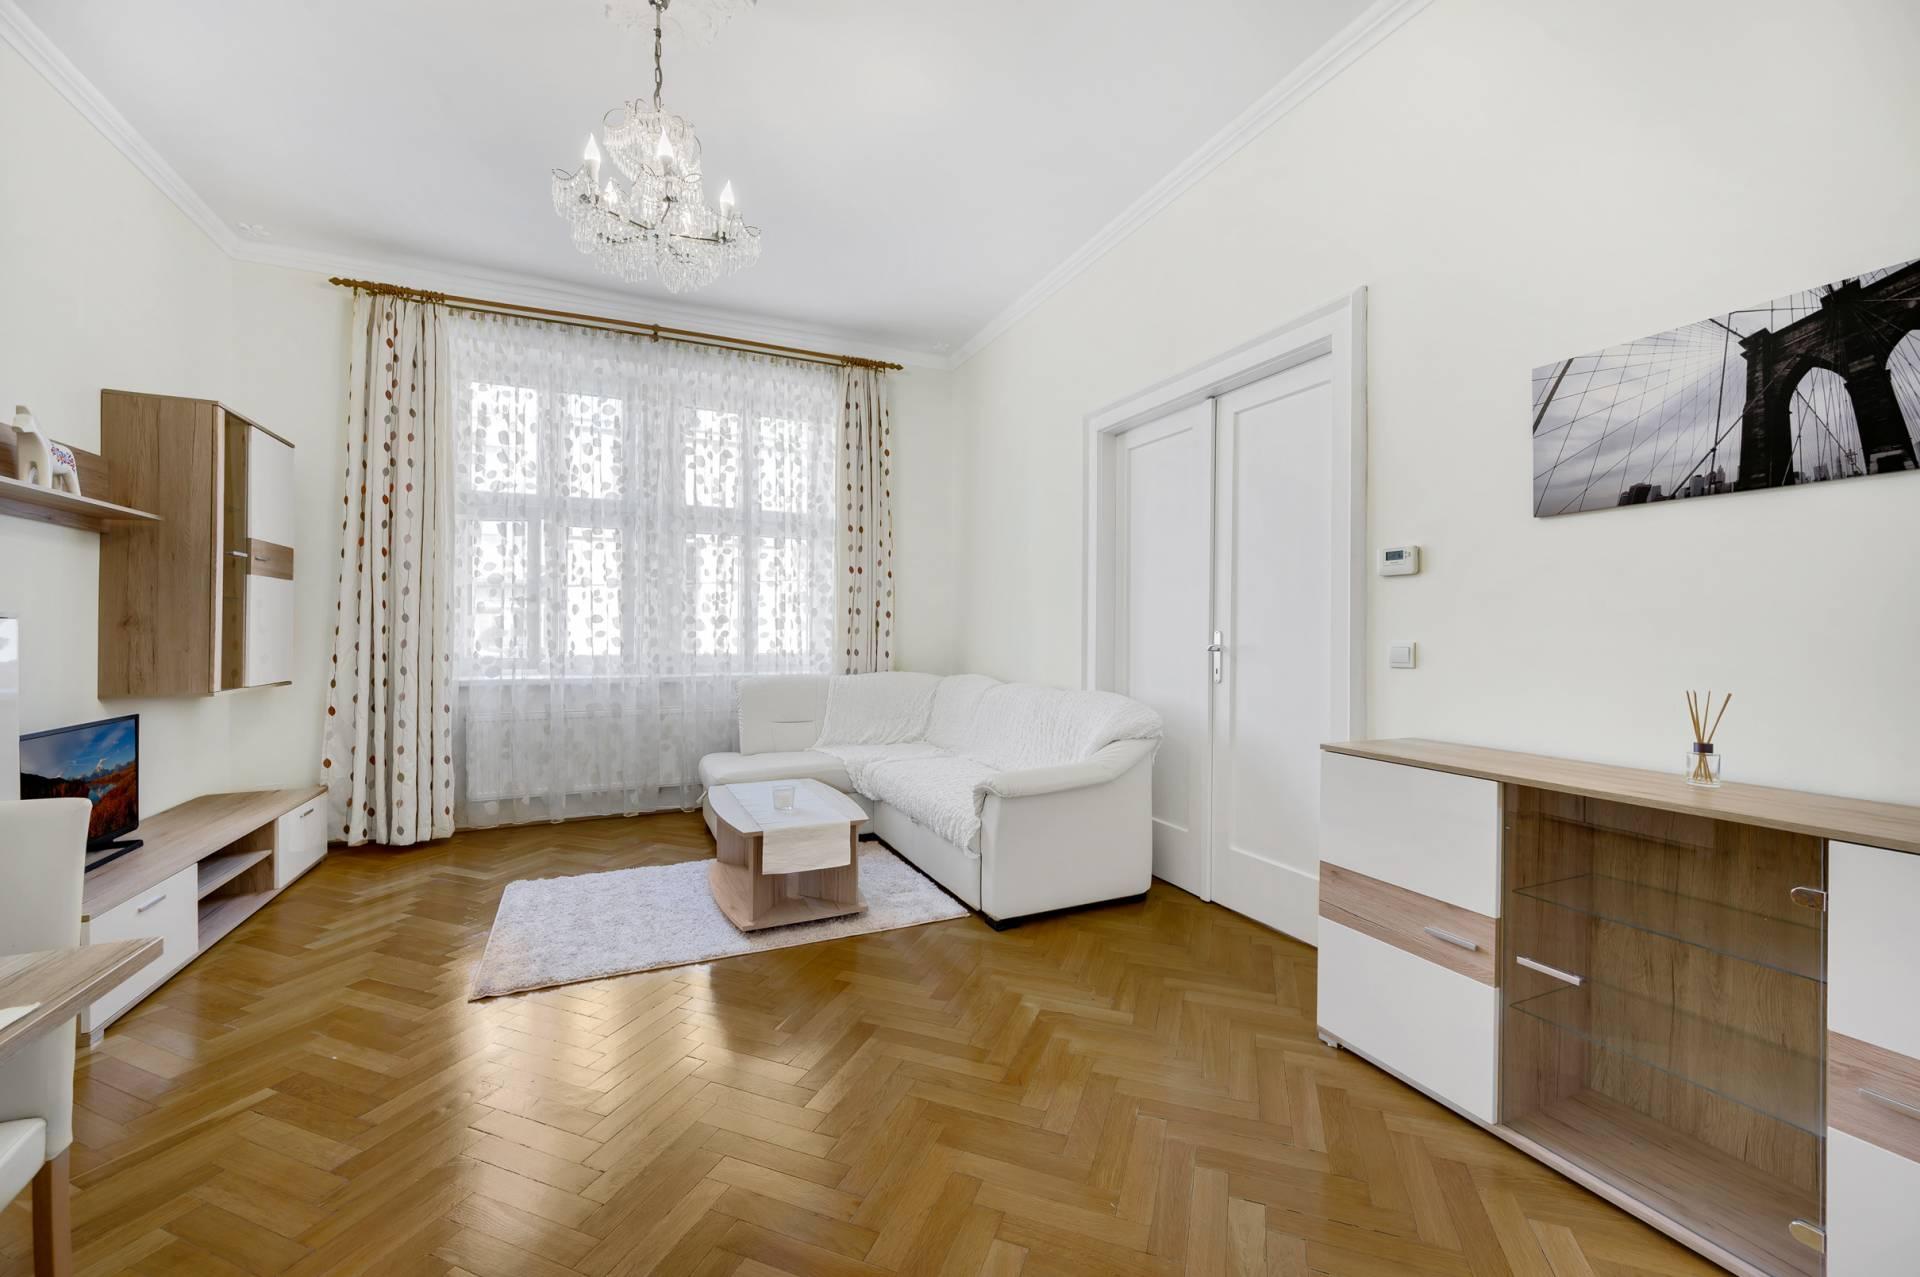 NA PRENÁJOM: Veľký 3 izbový byt v Starom Meste v Bratislave